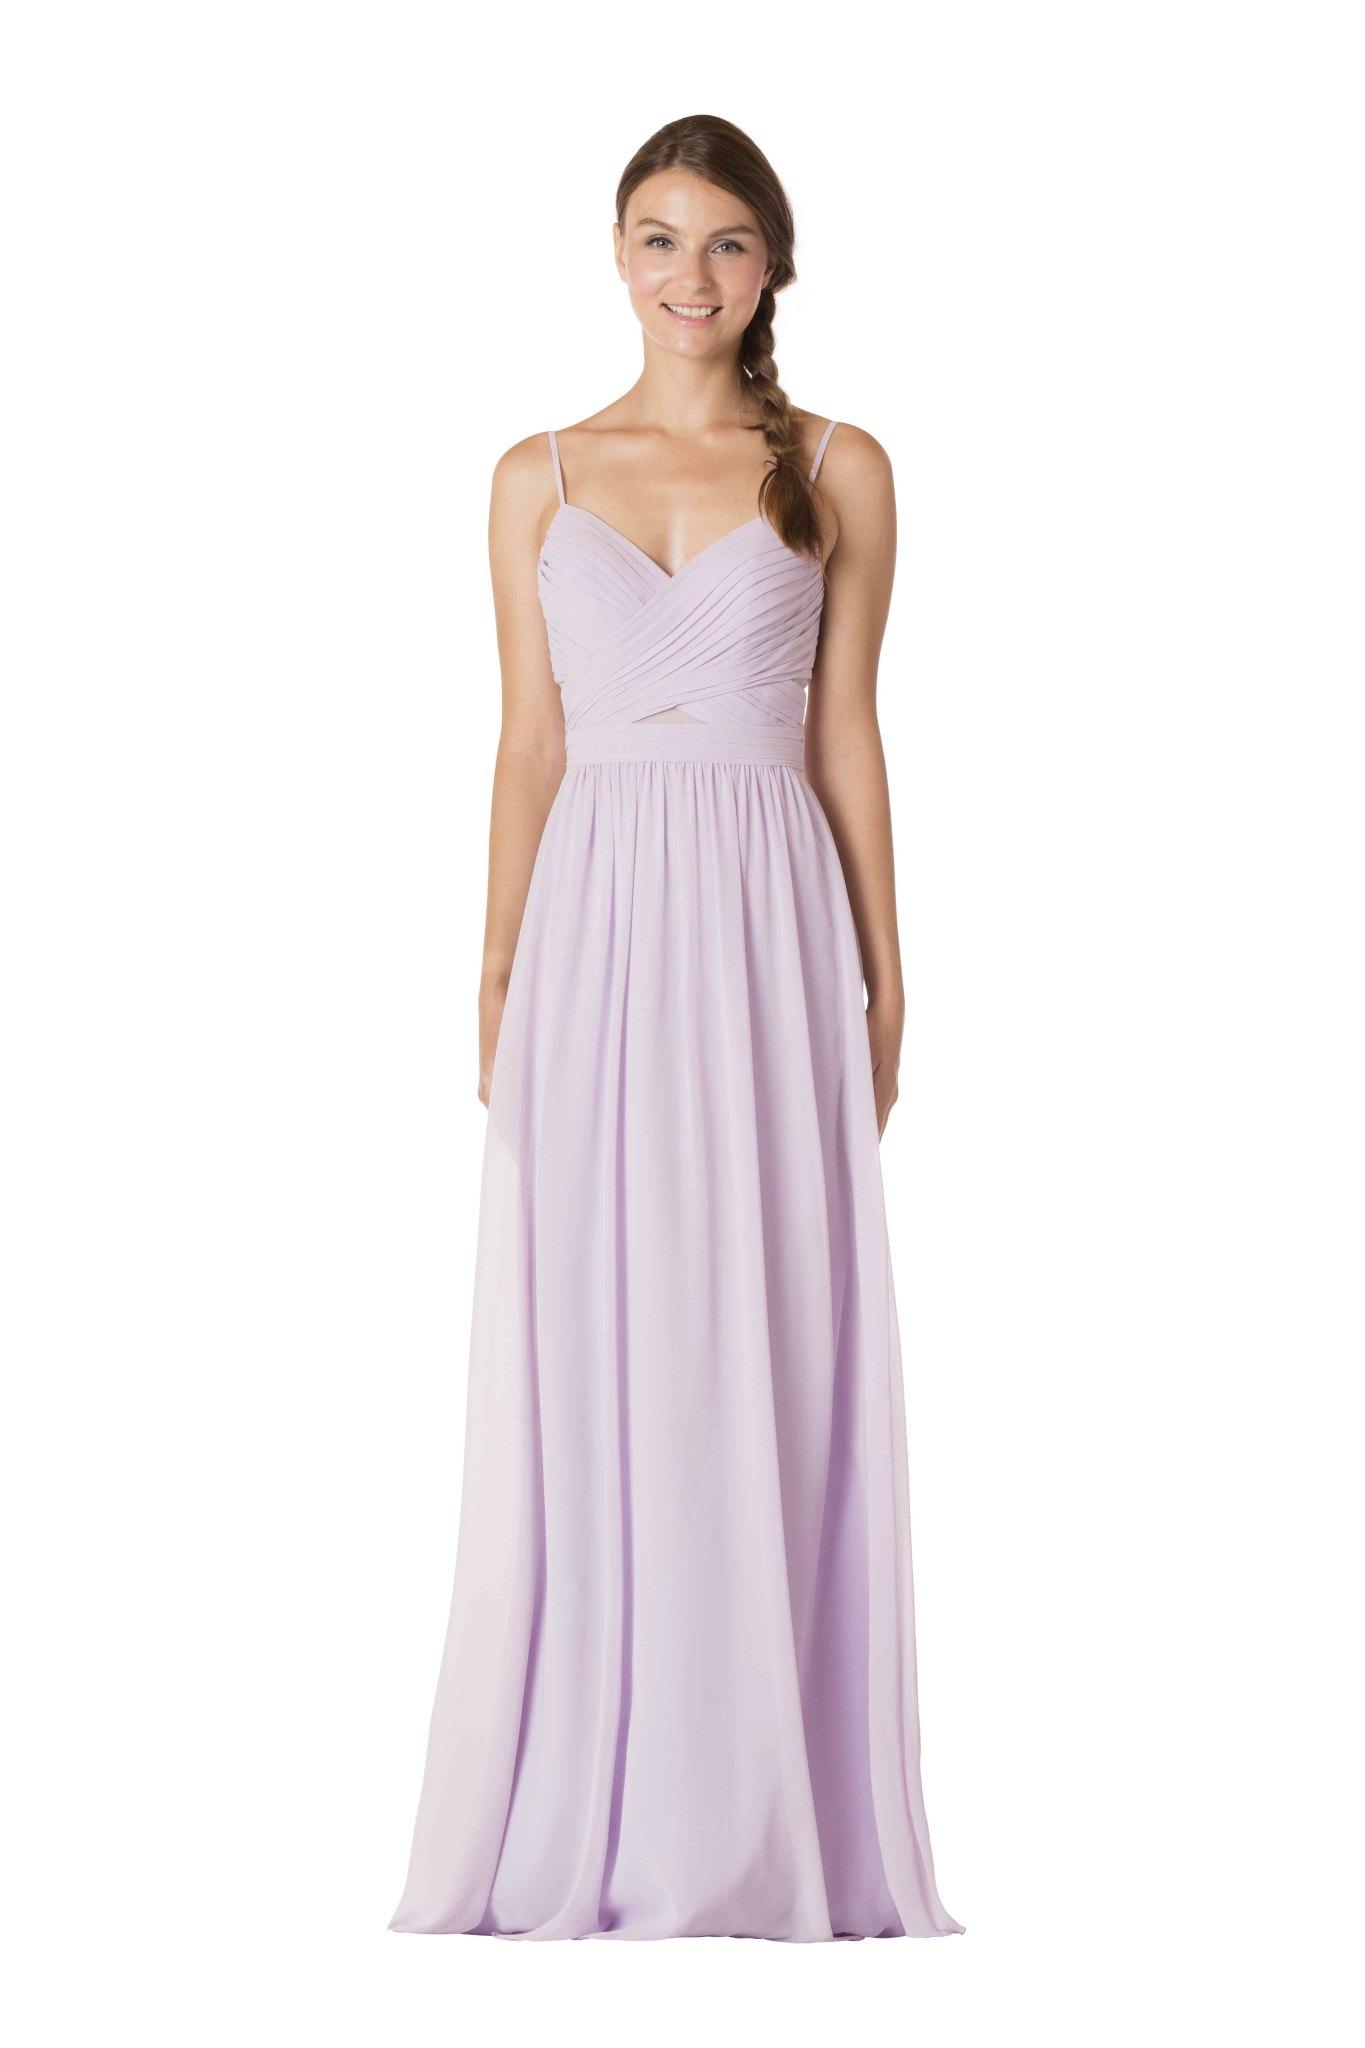 f86c3a5502d 1738 bari jay bridesmaid dresses Archives ⋆ Precious Memories ...